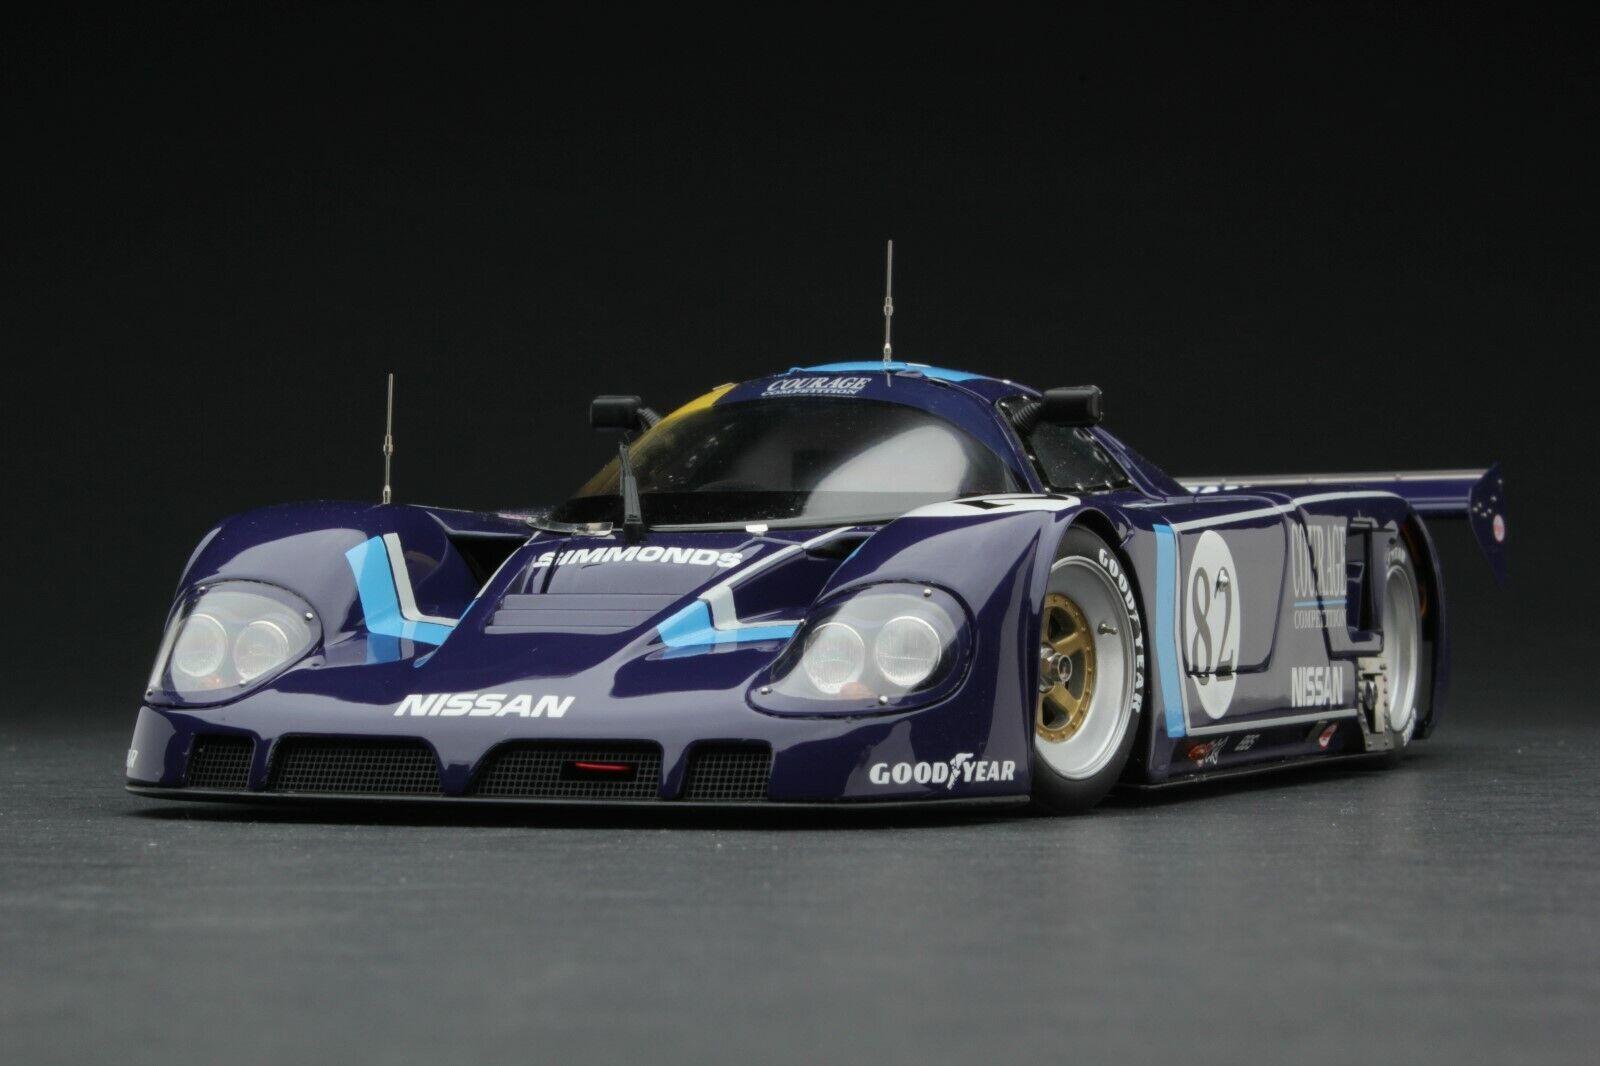 encuentra tu favorito aquí Exoto     1 18   1990   coraje Nissan R89C Le Mans privado Equipo     RLG88107  precioso